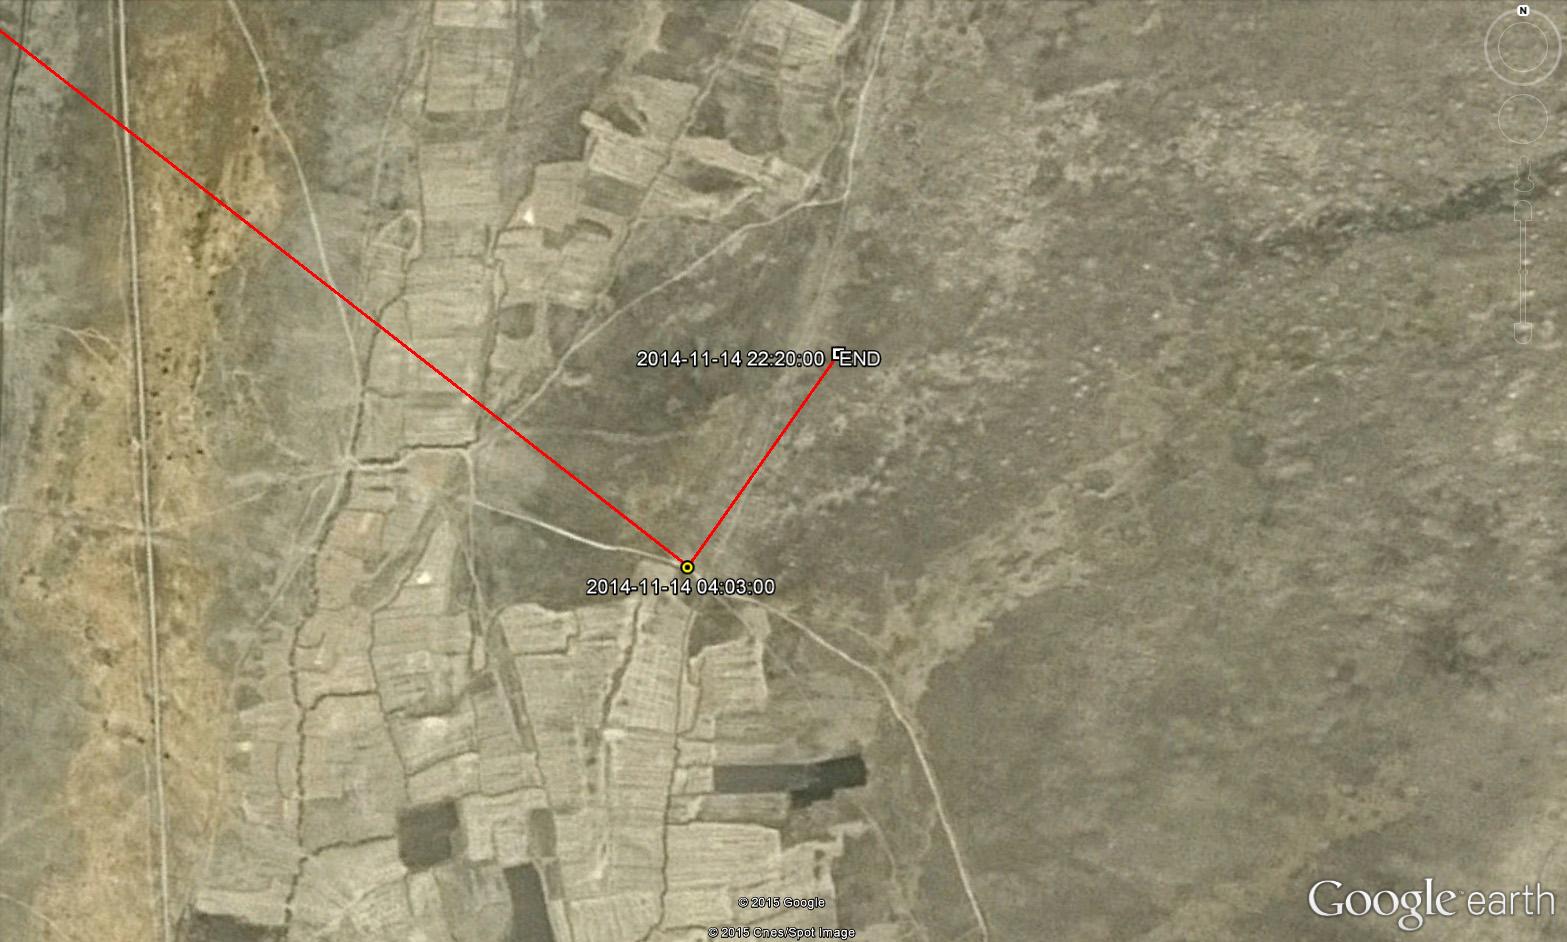 Место последней локации Туратая за 14 ноября 2014 г.